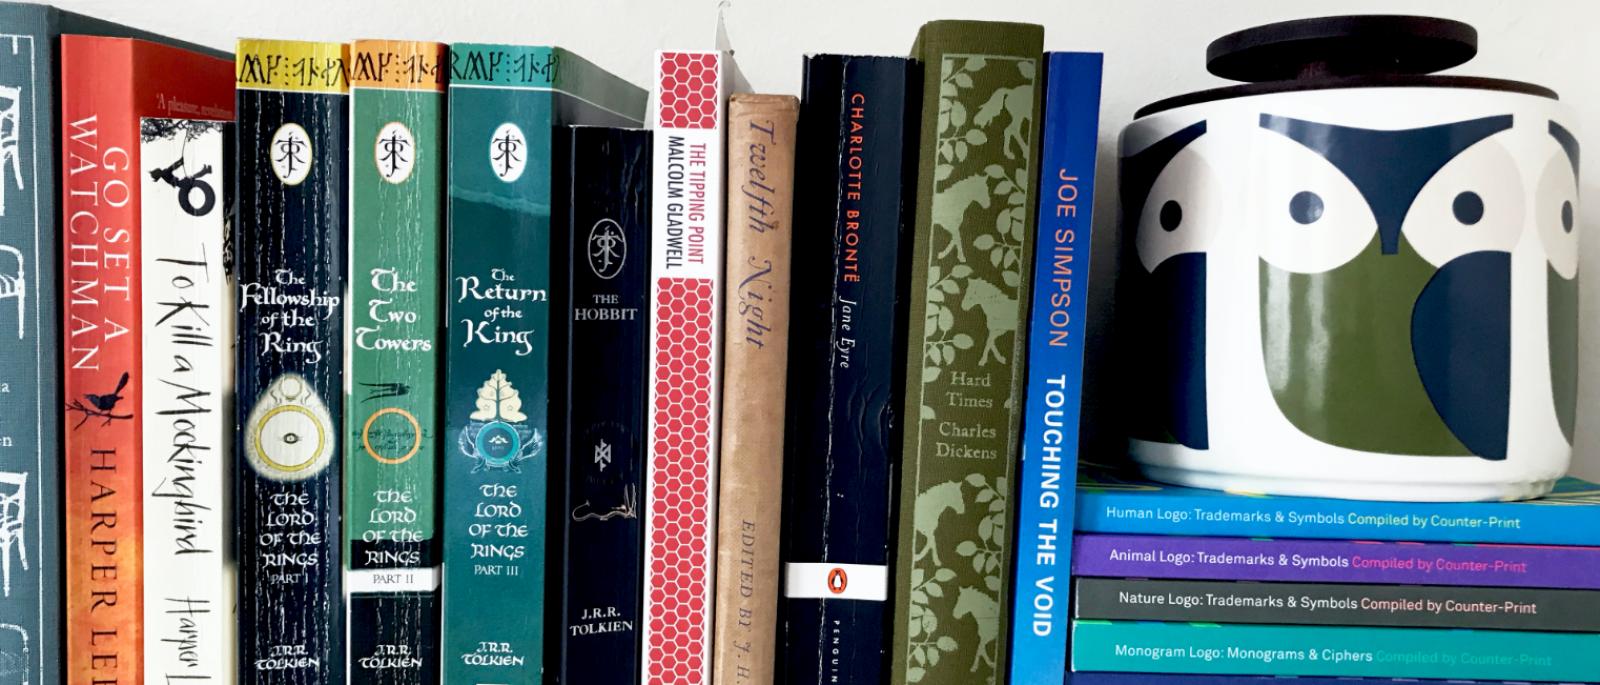 Whitenoise team celebrates World Book Day!